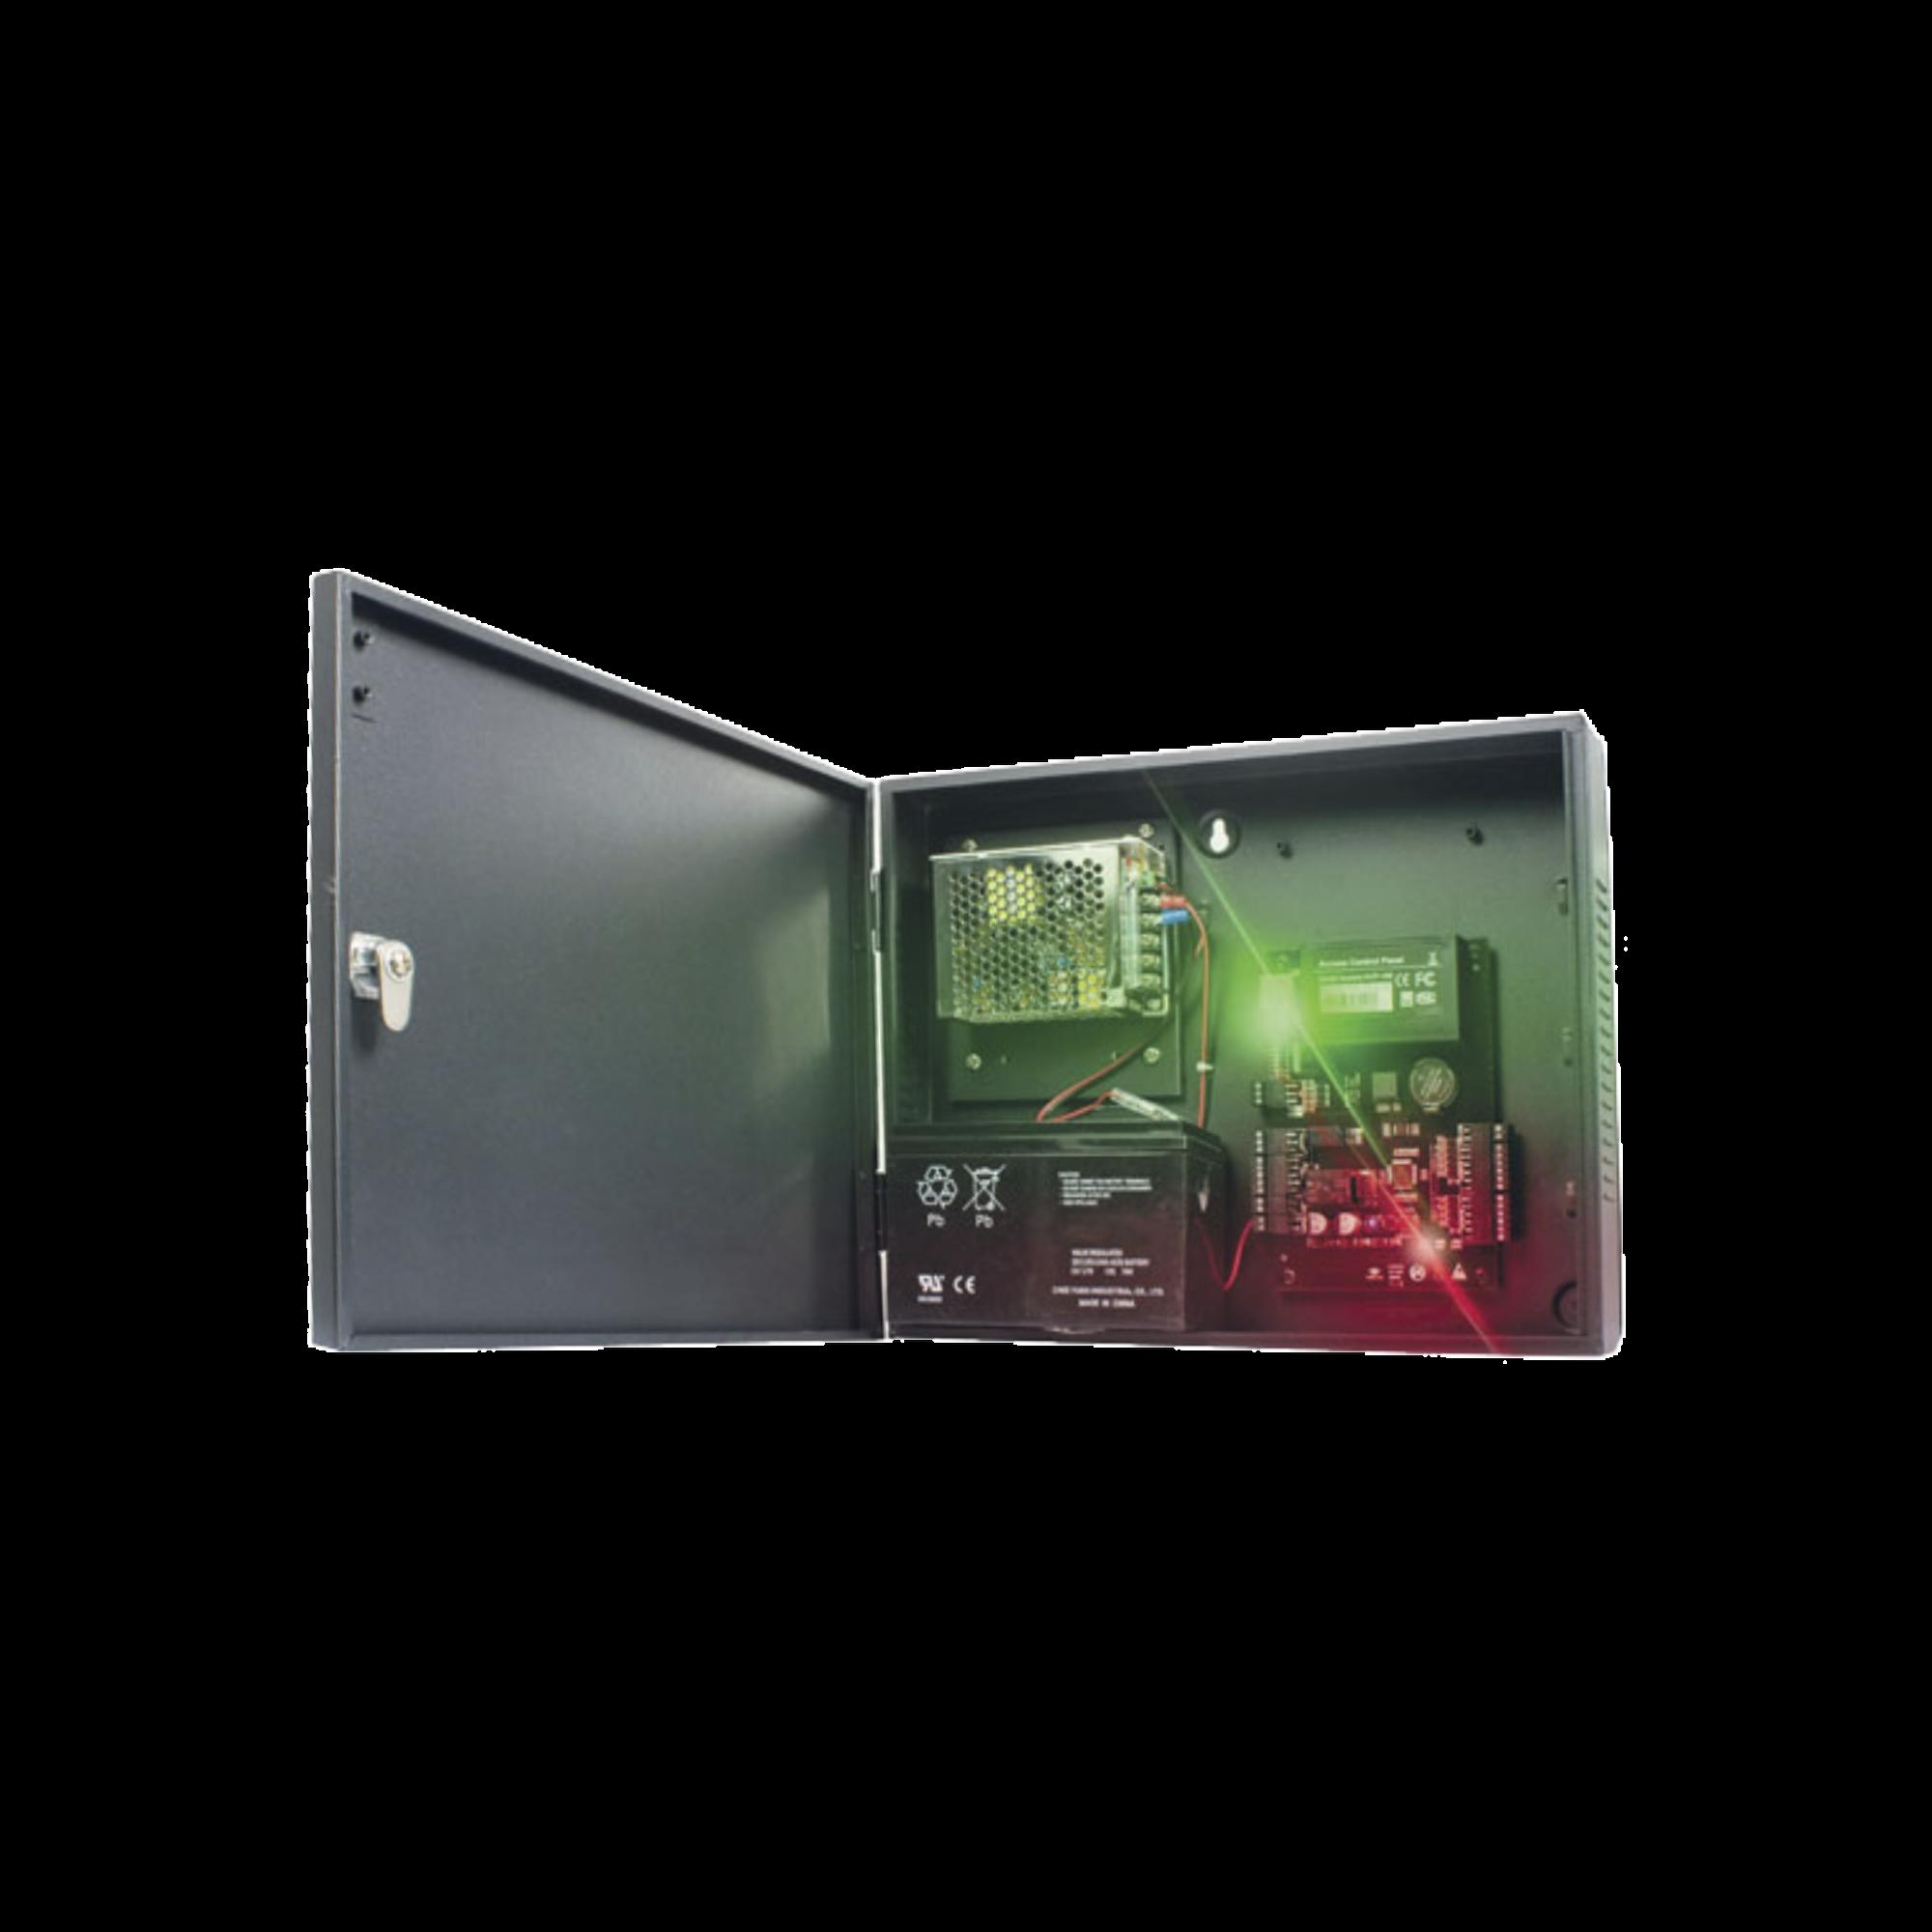 C3400 Panel de Control de Acceso para 4 Puertas / Fácil Administración / 30,000 Tarjetas / Incluye Gabinete y Fuente de Alimentación 12VCD/3A / Software GRATIS